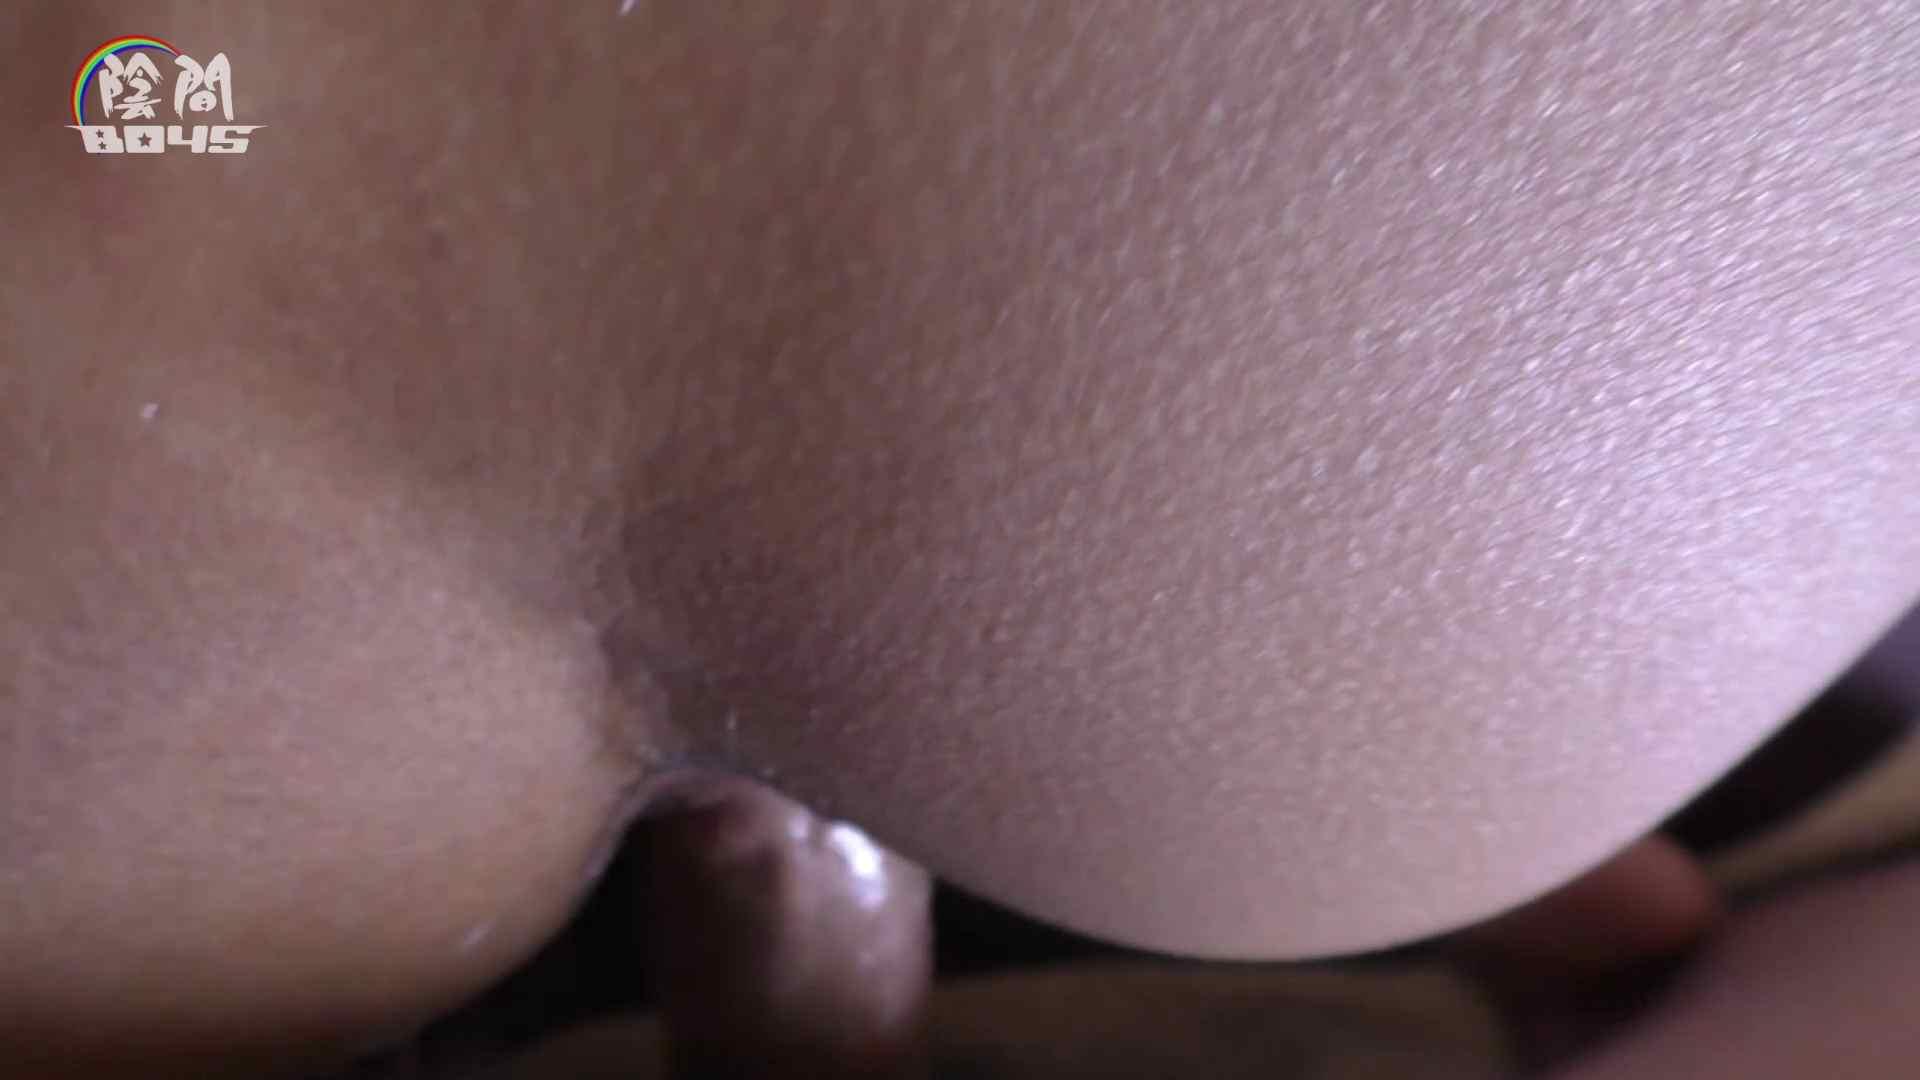 見返りにアナルを~part1 仲間のために…File.06 ハメ撮り放出 ゲイセックス画像 93pic 55